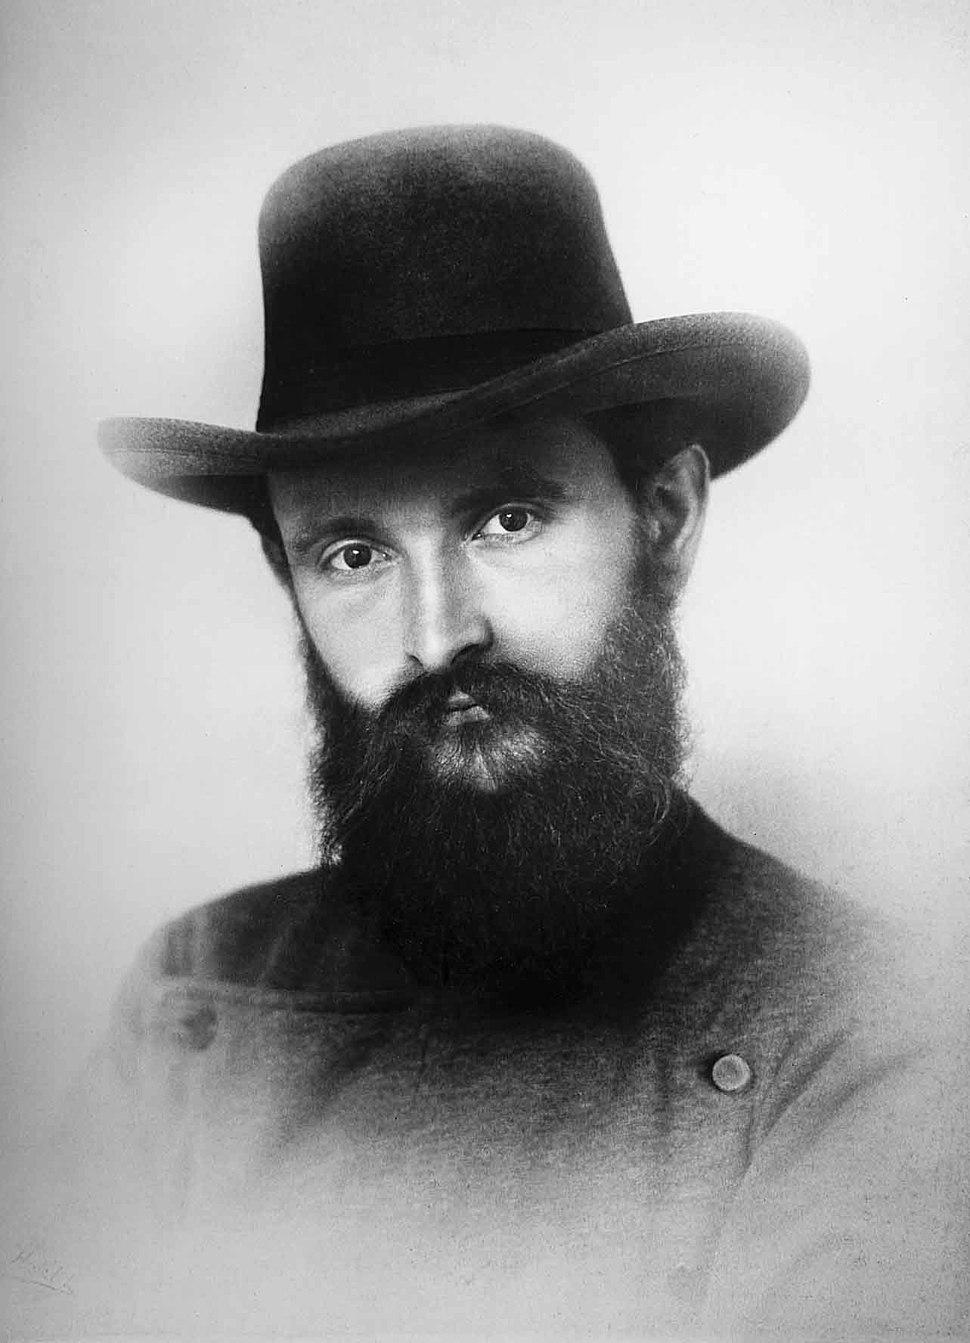 Robert Bosch mit Hut 1888 - 10031